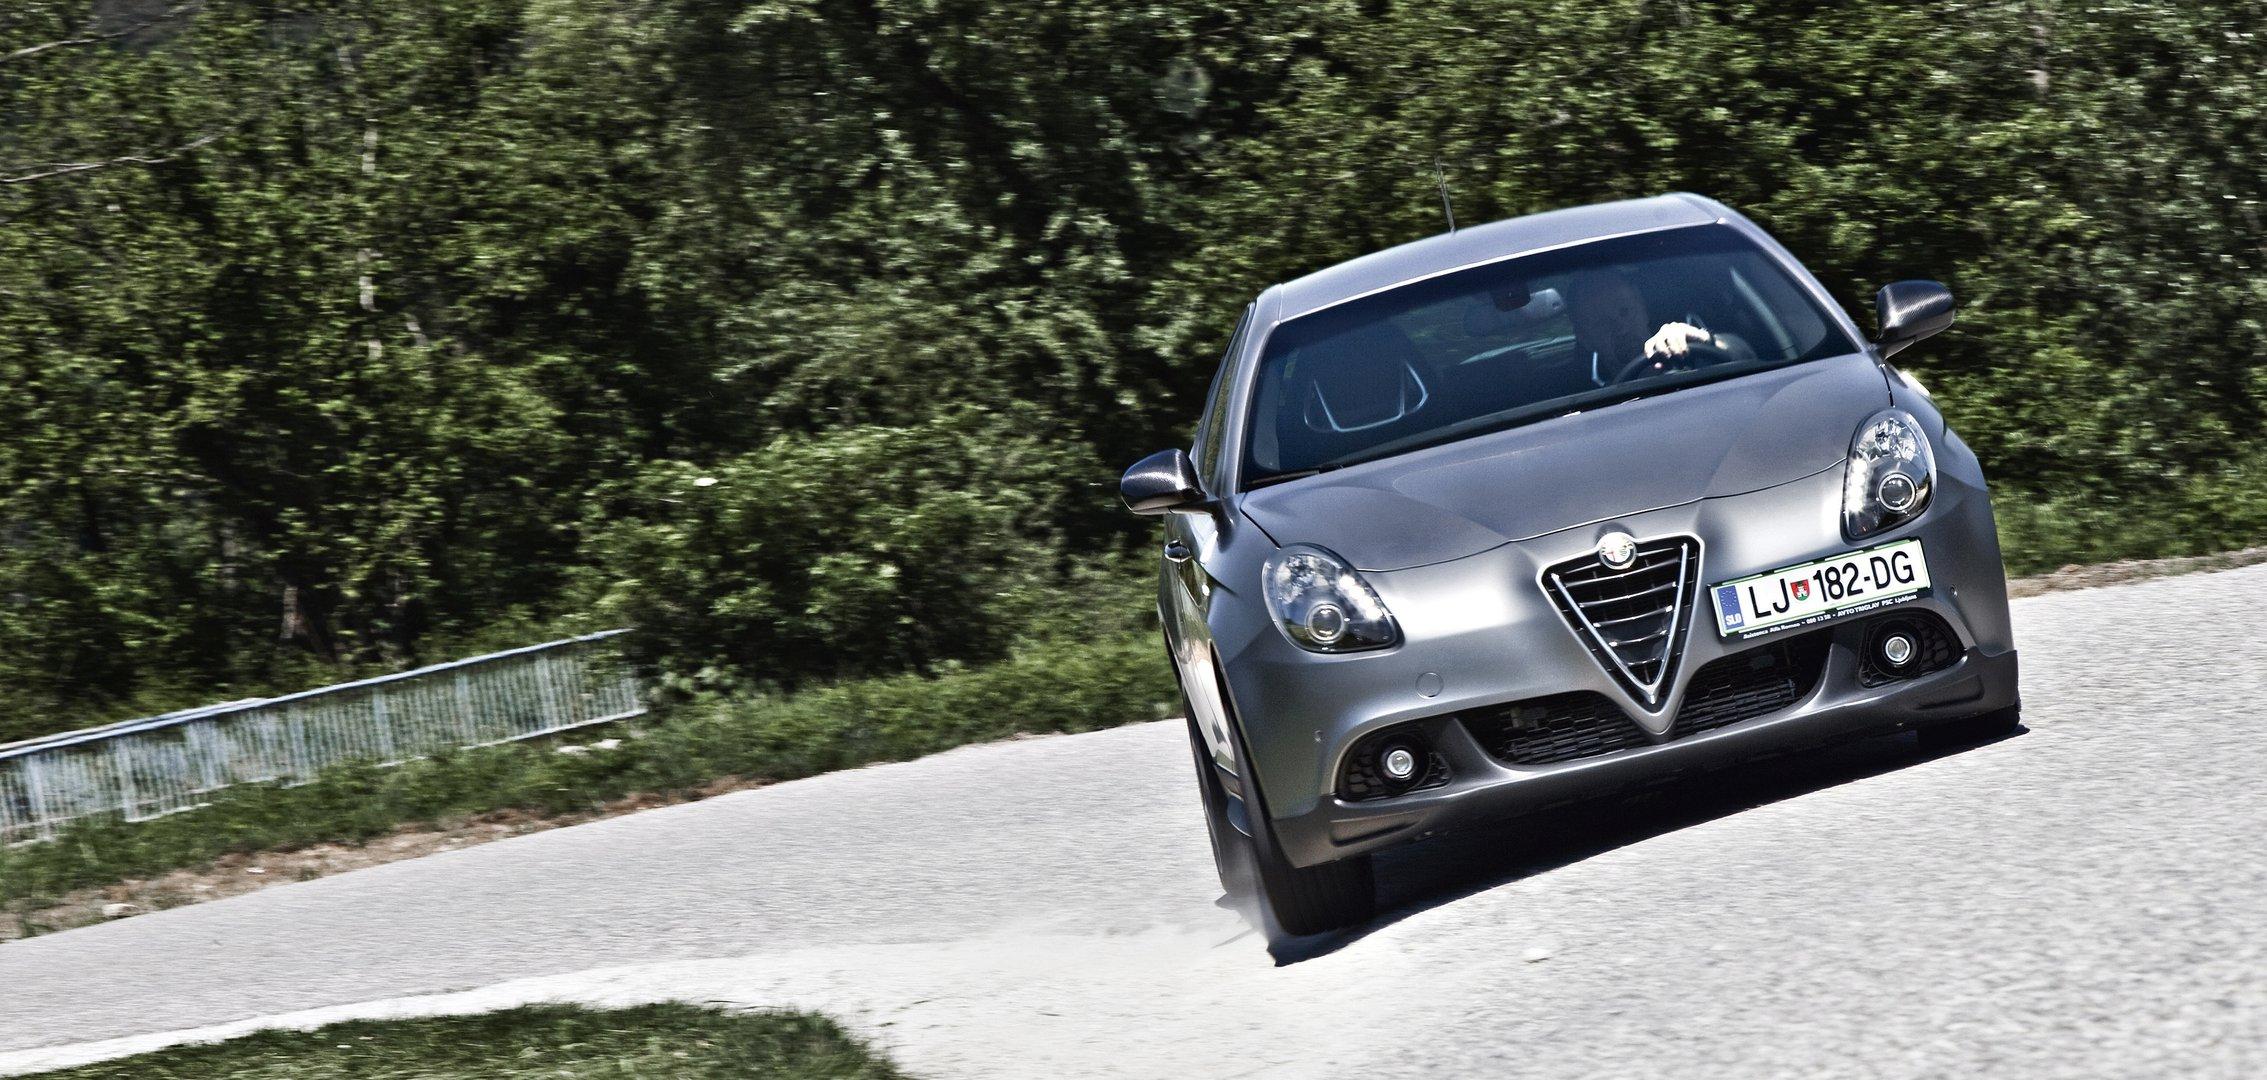 Kratki test Alfa Romeo Giulietta 1750 TBi 16V Qudarifoglio Verde